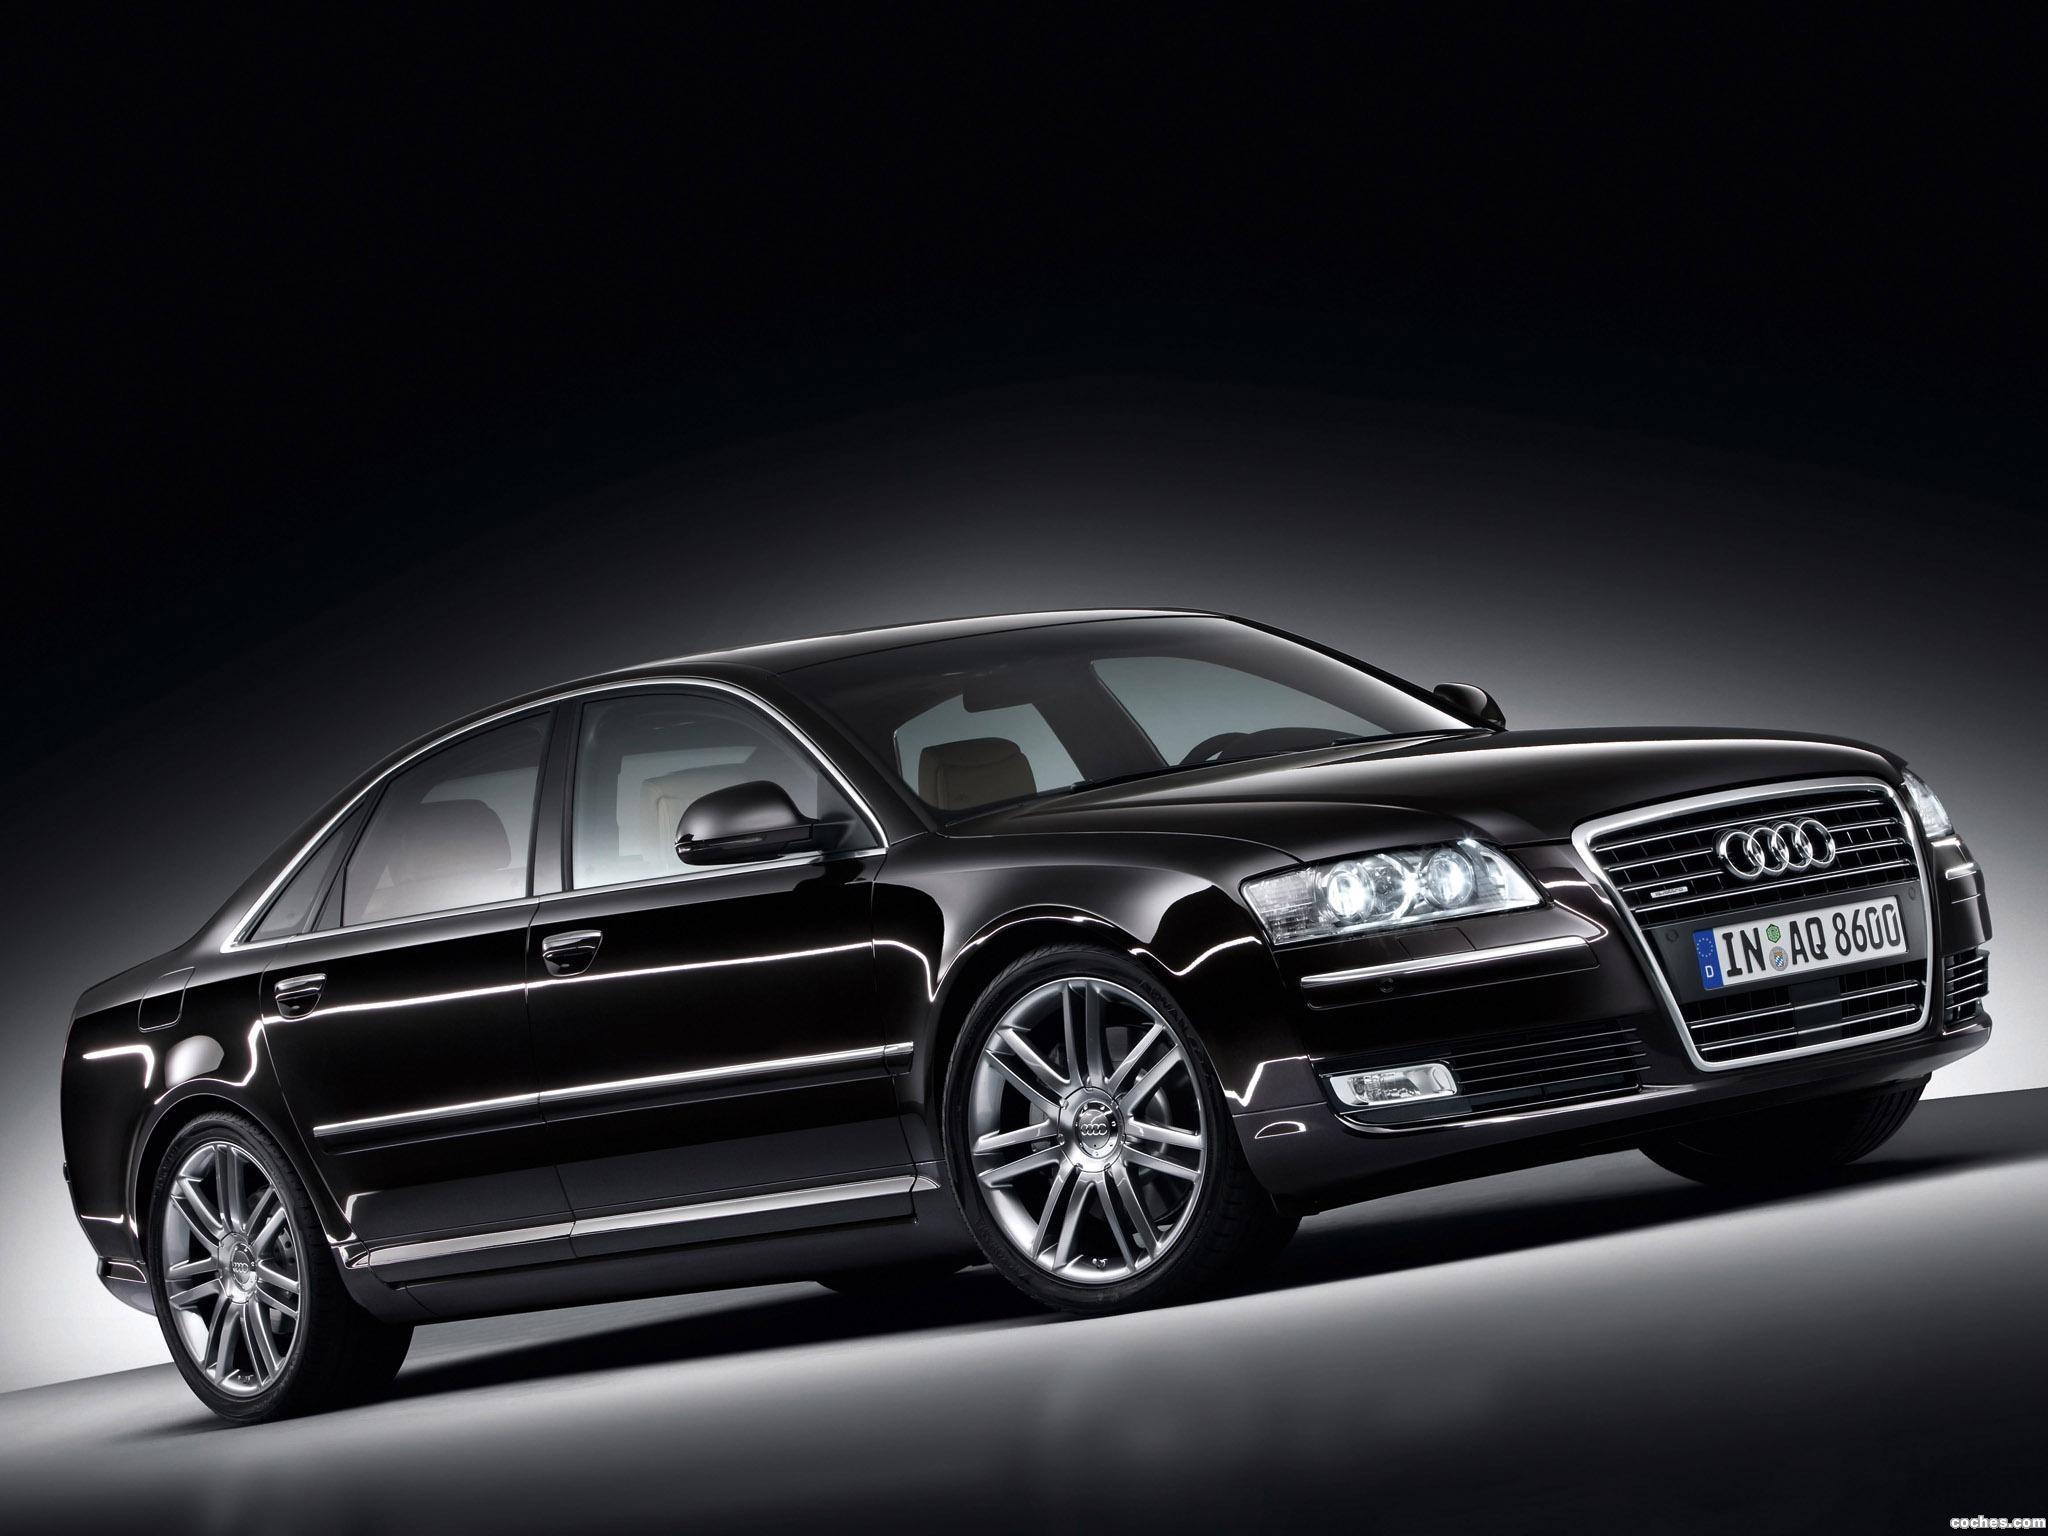 Foto 0 de Audi A8 4.2 Quattro D3 2008